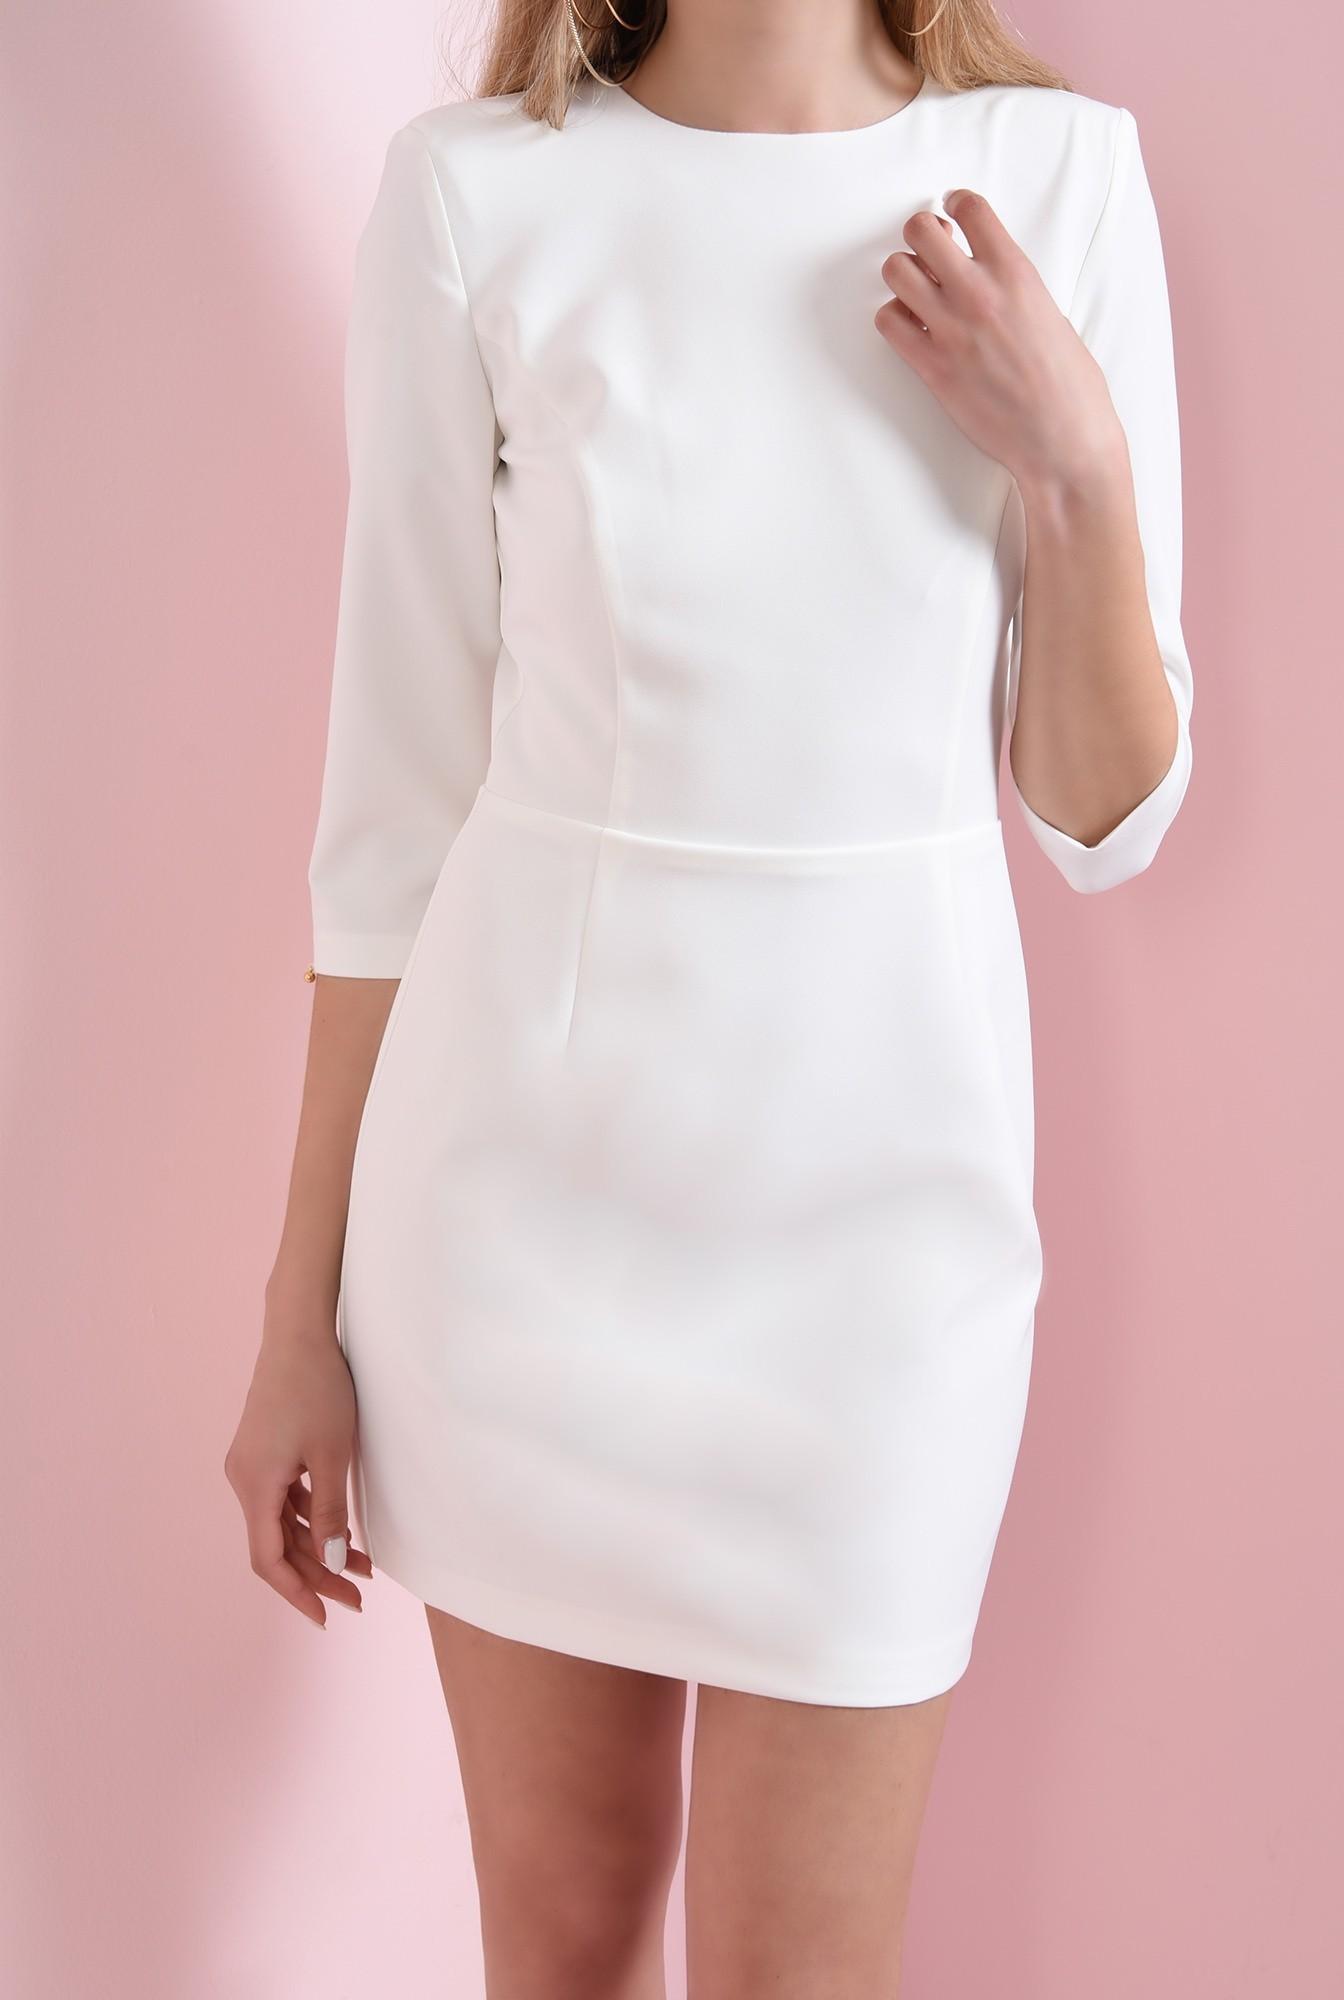 2 - 360 - rochie mini, ivoar, cu decupaj la spate